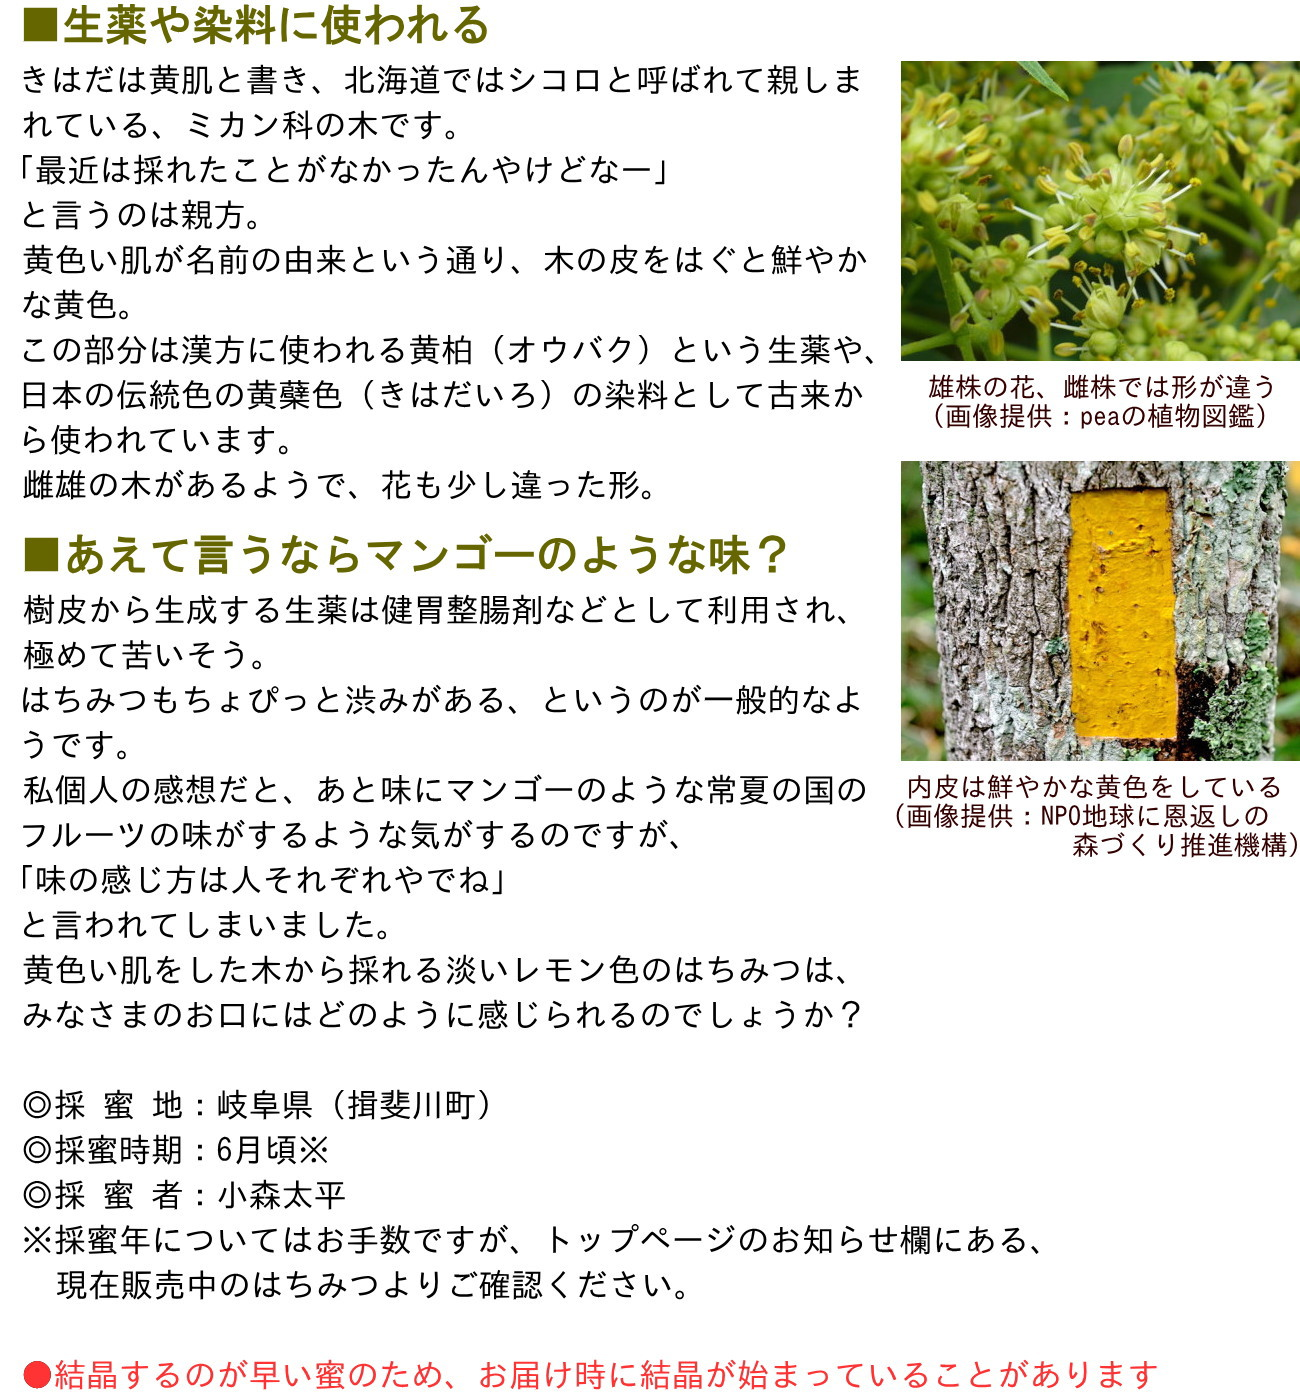 ■生薬や染料に使われるきはだは黄肌と書き、北海道ではシコロと呼ばれて親しまれている、ミカン科の木です。「最近は採れたことがなかったんやけどなー」と言うのは親方。黄色い肌が名前の由来という通り、木の皮をはぐと鮮やかな黄色。この部分は漢方に使われる黄柏(オウバク)という生薬や、日本の伝統色の黄蘗色(きはだいろ)の染料として古来から使われています。雌雄の木があるようで、花も少し違った形。■あえて言うならマンゴーのような味?樹皮から生成する生薬は健胃整腸剤などとして利用され、極めて苦いそう。はちみつもちょぴっと渋みがある、というのが一般的なようです。私個人の感想だと、あと味にマンゴーのような常夏の国のフルーツの味がするような気がするのですが、「味の感じ方は人それぞれやでね」と言われてしまいました。黄色い肌をした木から採れる淡いレモン色のはちみつは、みなさまのお口にはどのように感じられるのでしょうか?◎採 蜜 地:岐阜県(揖斐川町)◎採蜜時期:6月頃※◎採 蜜 者:小森太平※採蜜年についてはお手数ですが、トップページのお知らせ欄にある、現在販売中のはちみつよりご確認ください。●結晶するのが早い蜜のため、お届け時に結晶が始まっていることがあります雄株の花、雌株では形が違う(画像提供:peaの植物図鑑)内皮は鮮やかな黄色をしている(画像提供:NPO地球に恩返しの森づくり推進機構)